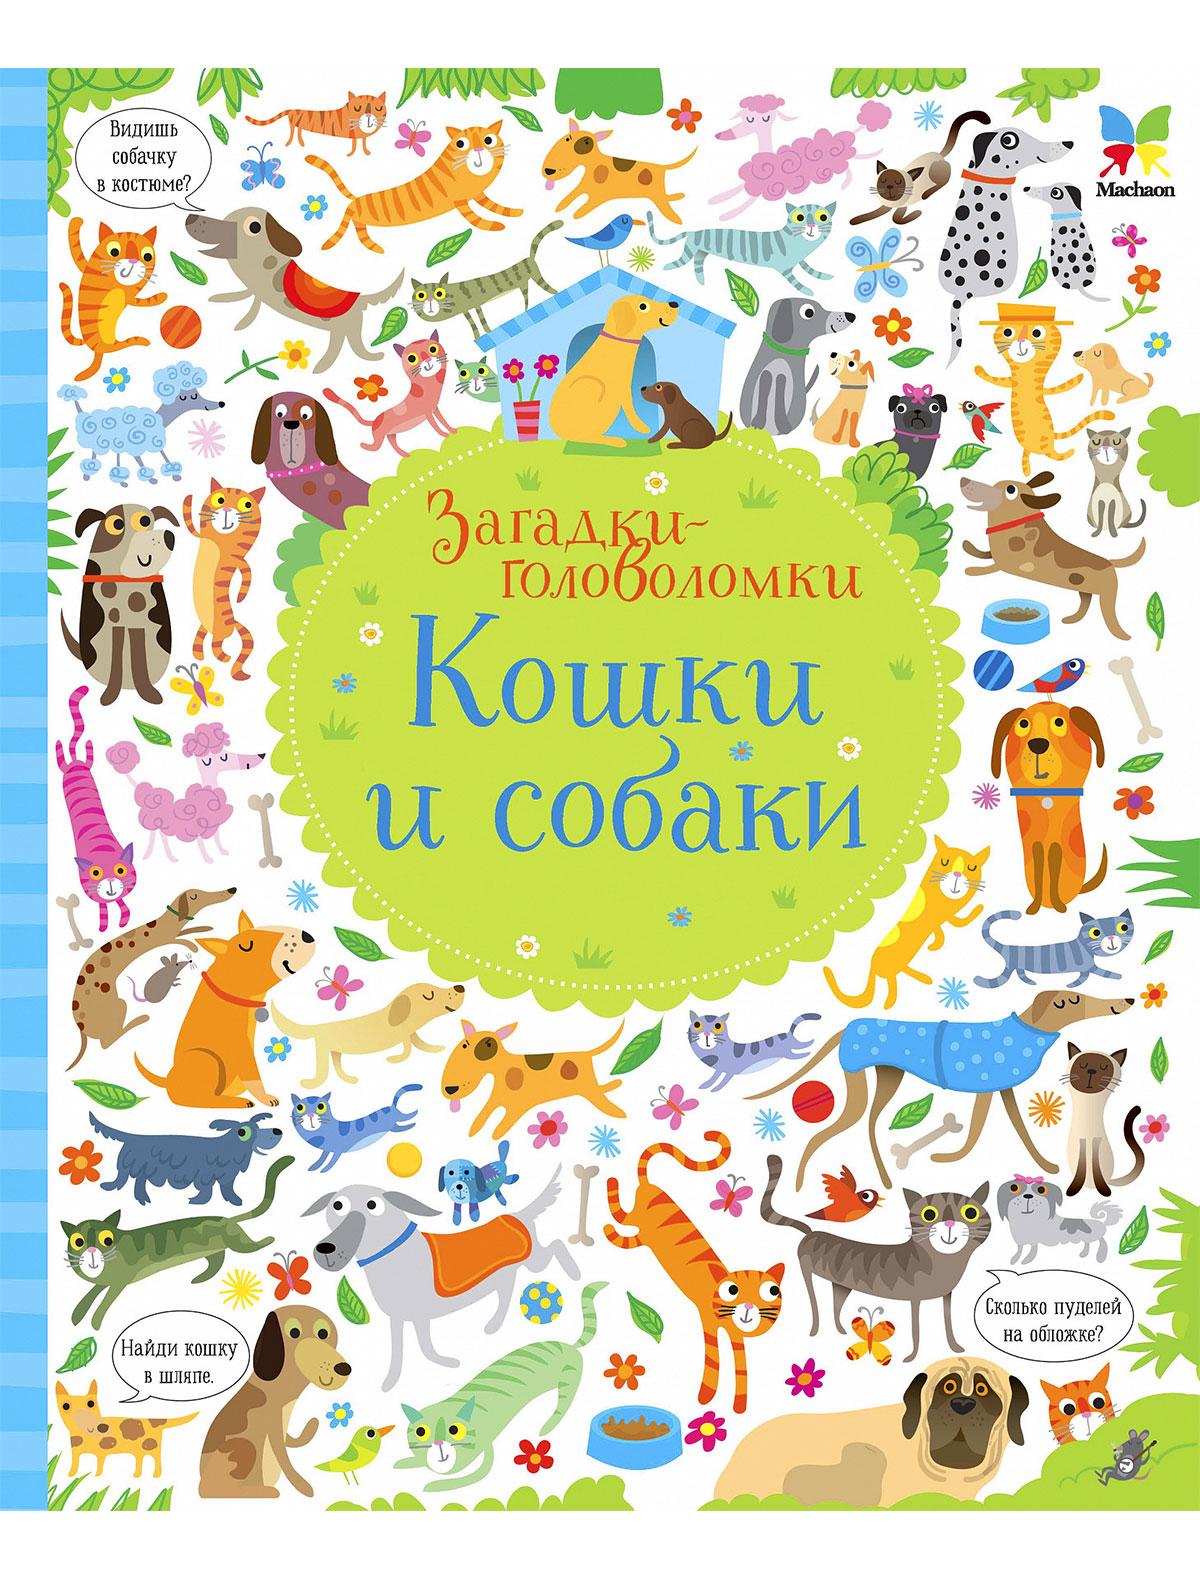 Купить 2049391, Книга ИГ Азбука-Аттикус, 9002529980451